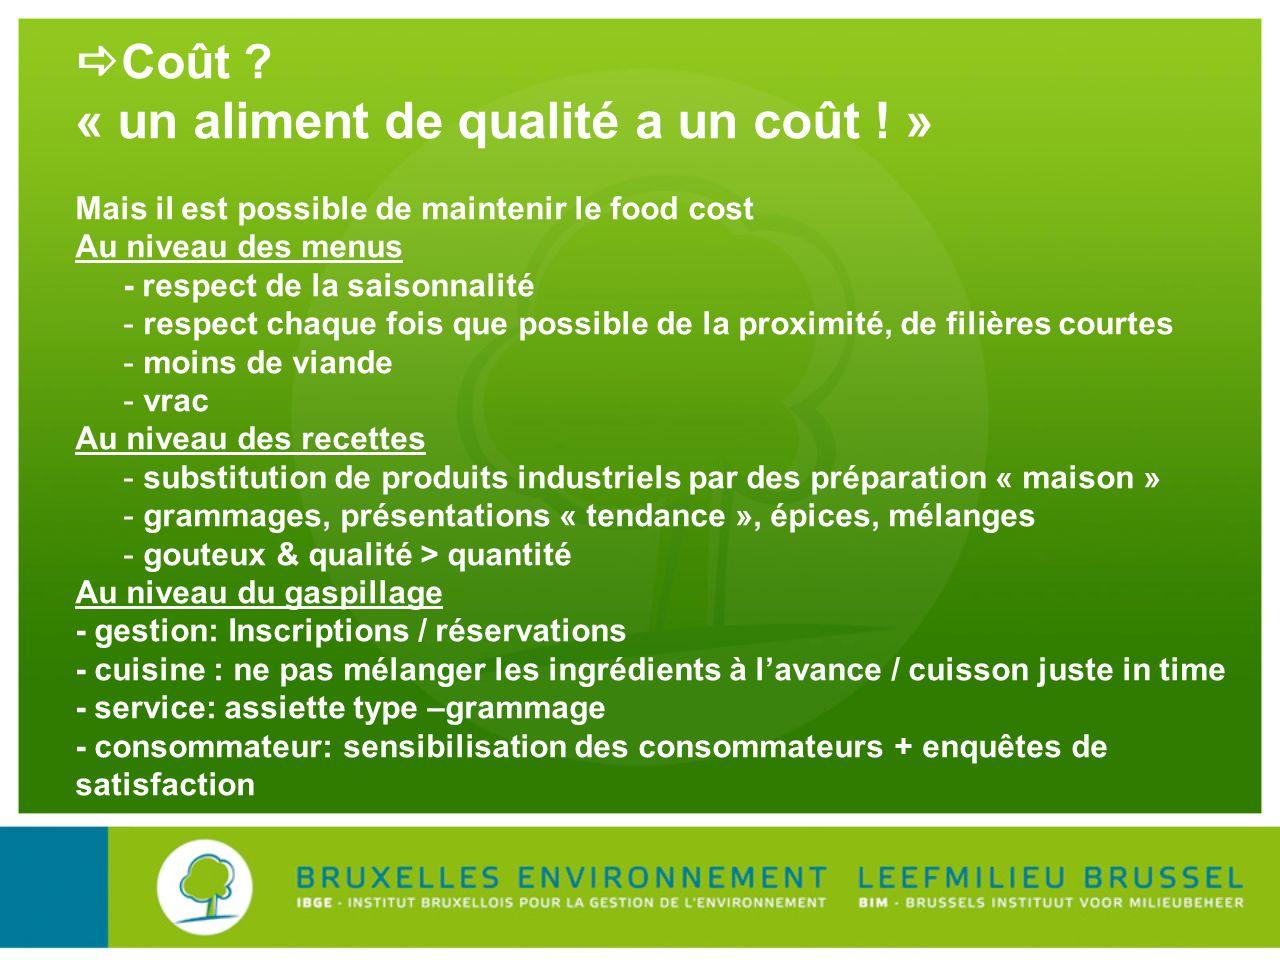 Coût ? « un aliment de qualité a un coût ! » Mais il est possible de maintenir le food cost Au niveau des menus - respect de la saisonnalité - respect